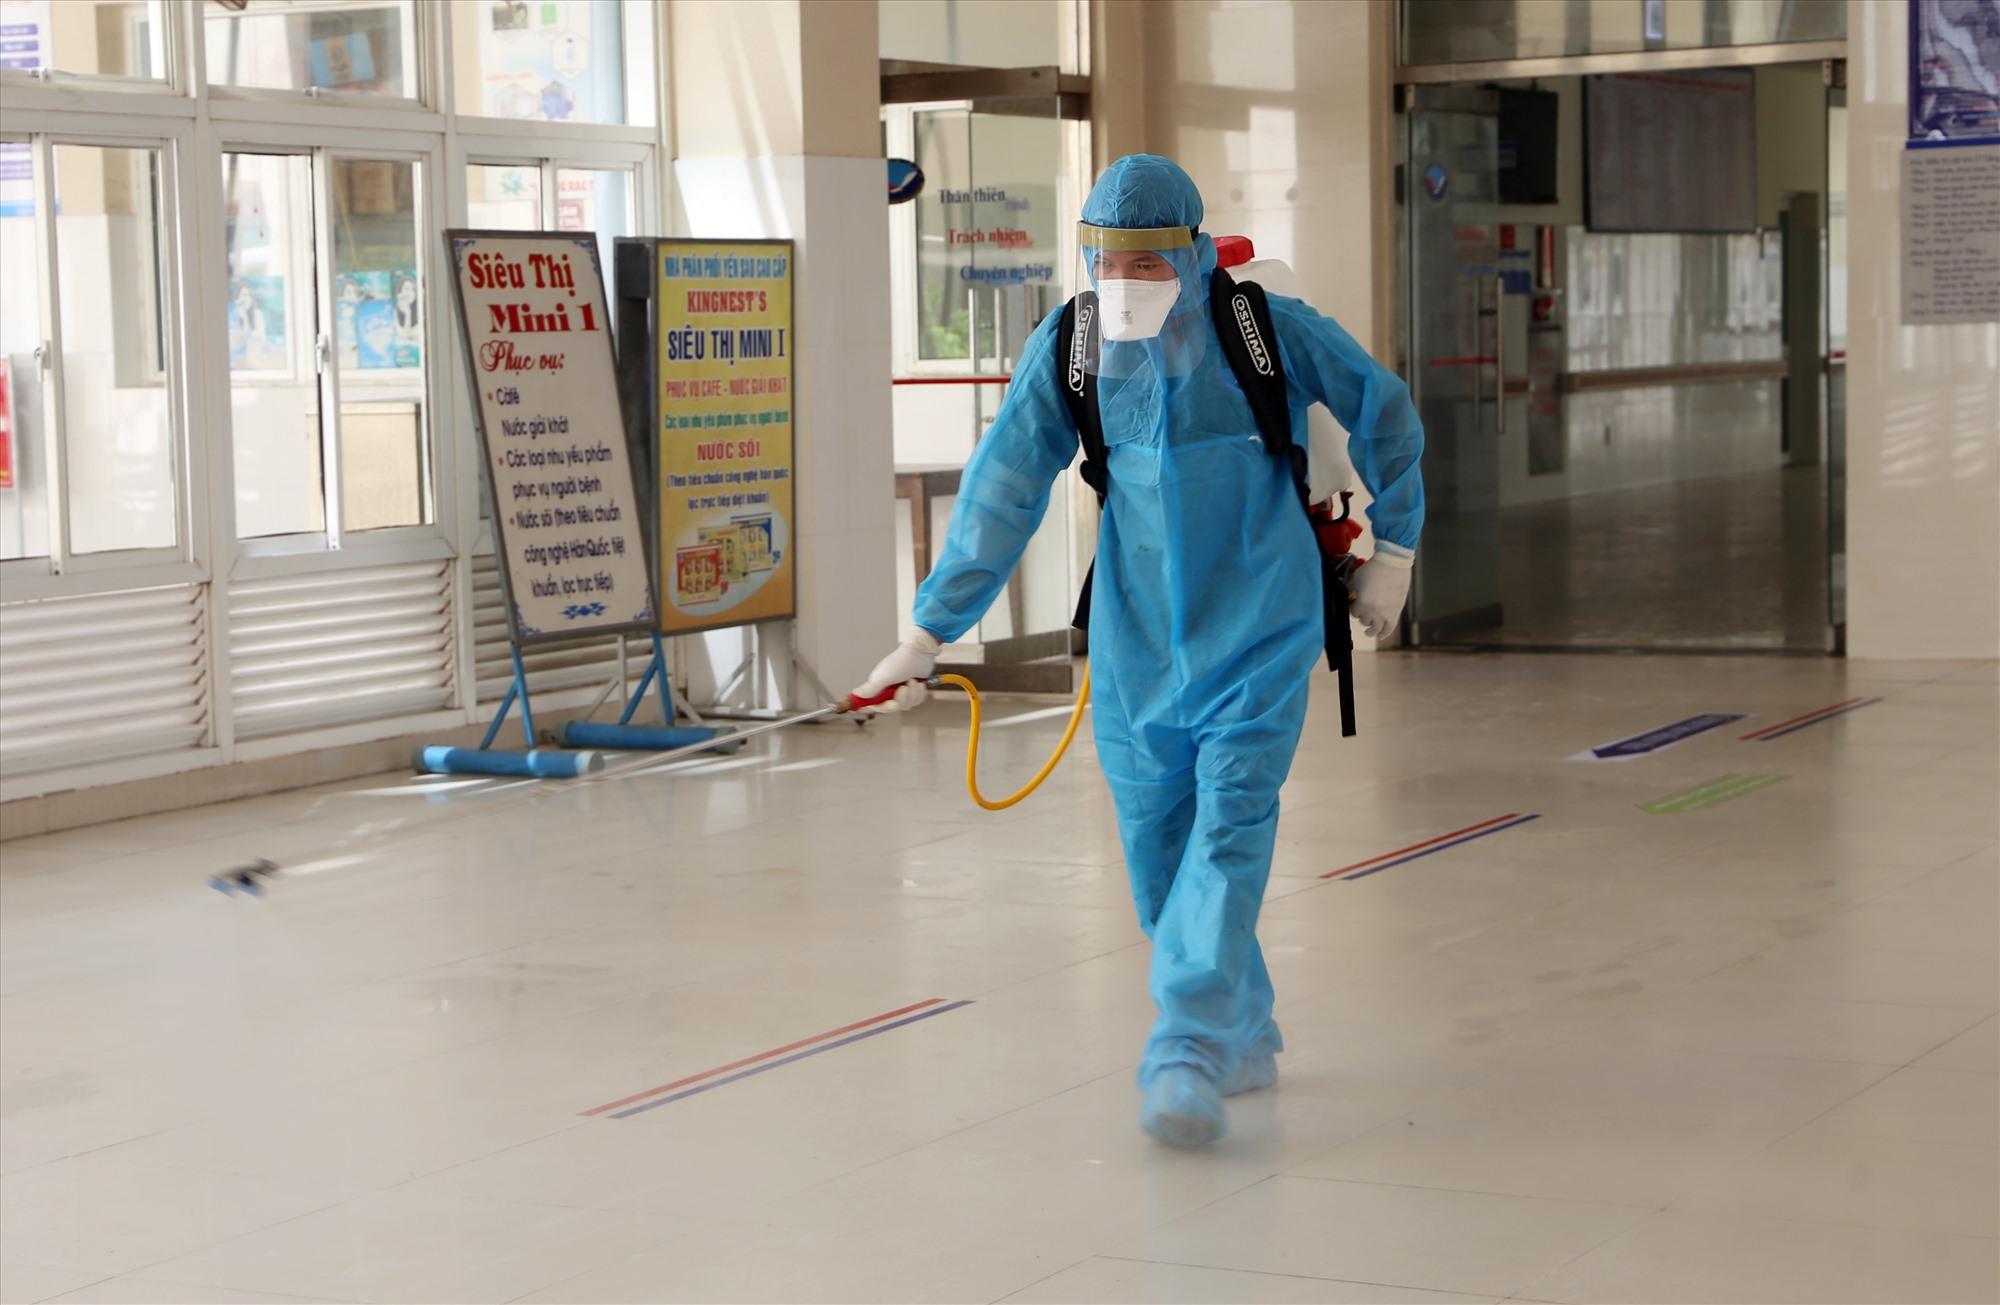 Khâu kiểm soát nhiễm khuẩn, tiêu độc khử trùng đặc biệt quan trọng nên đội ngũ này phải làm việc bất kể ngày đêm. Ảnh: THẢO ĐẠO